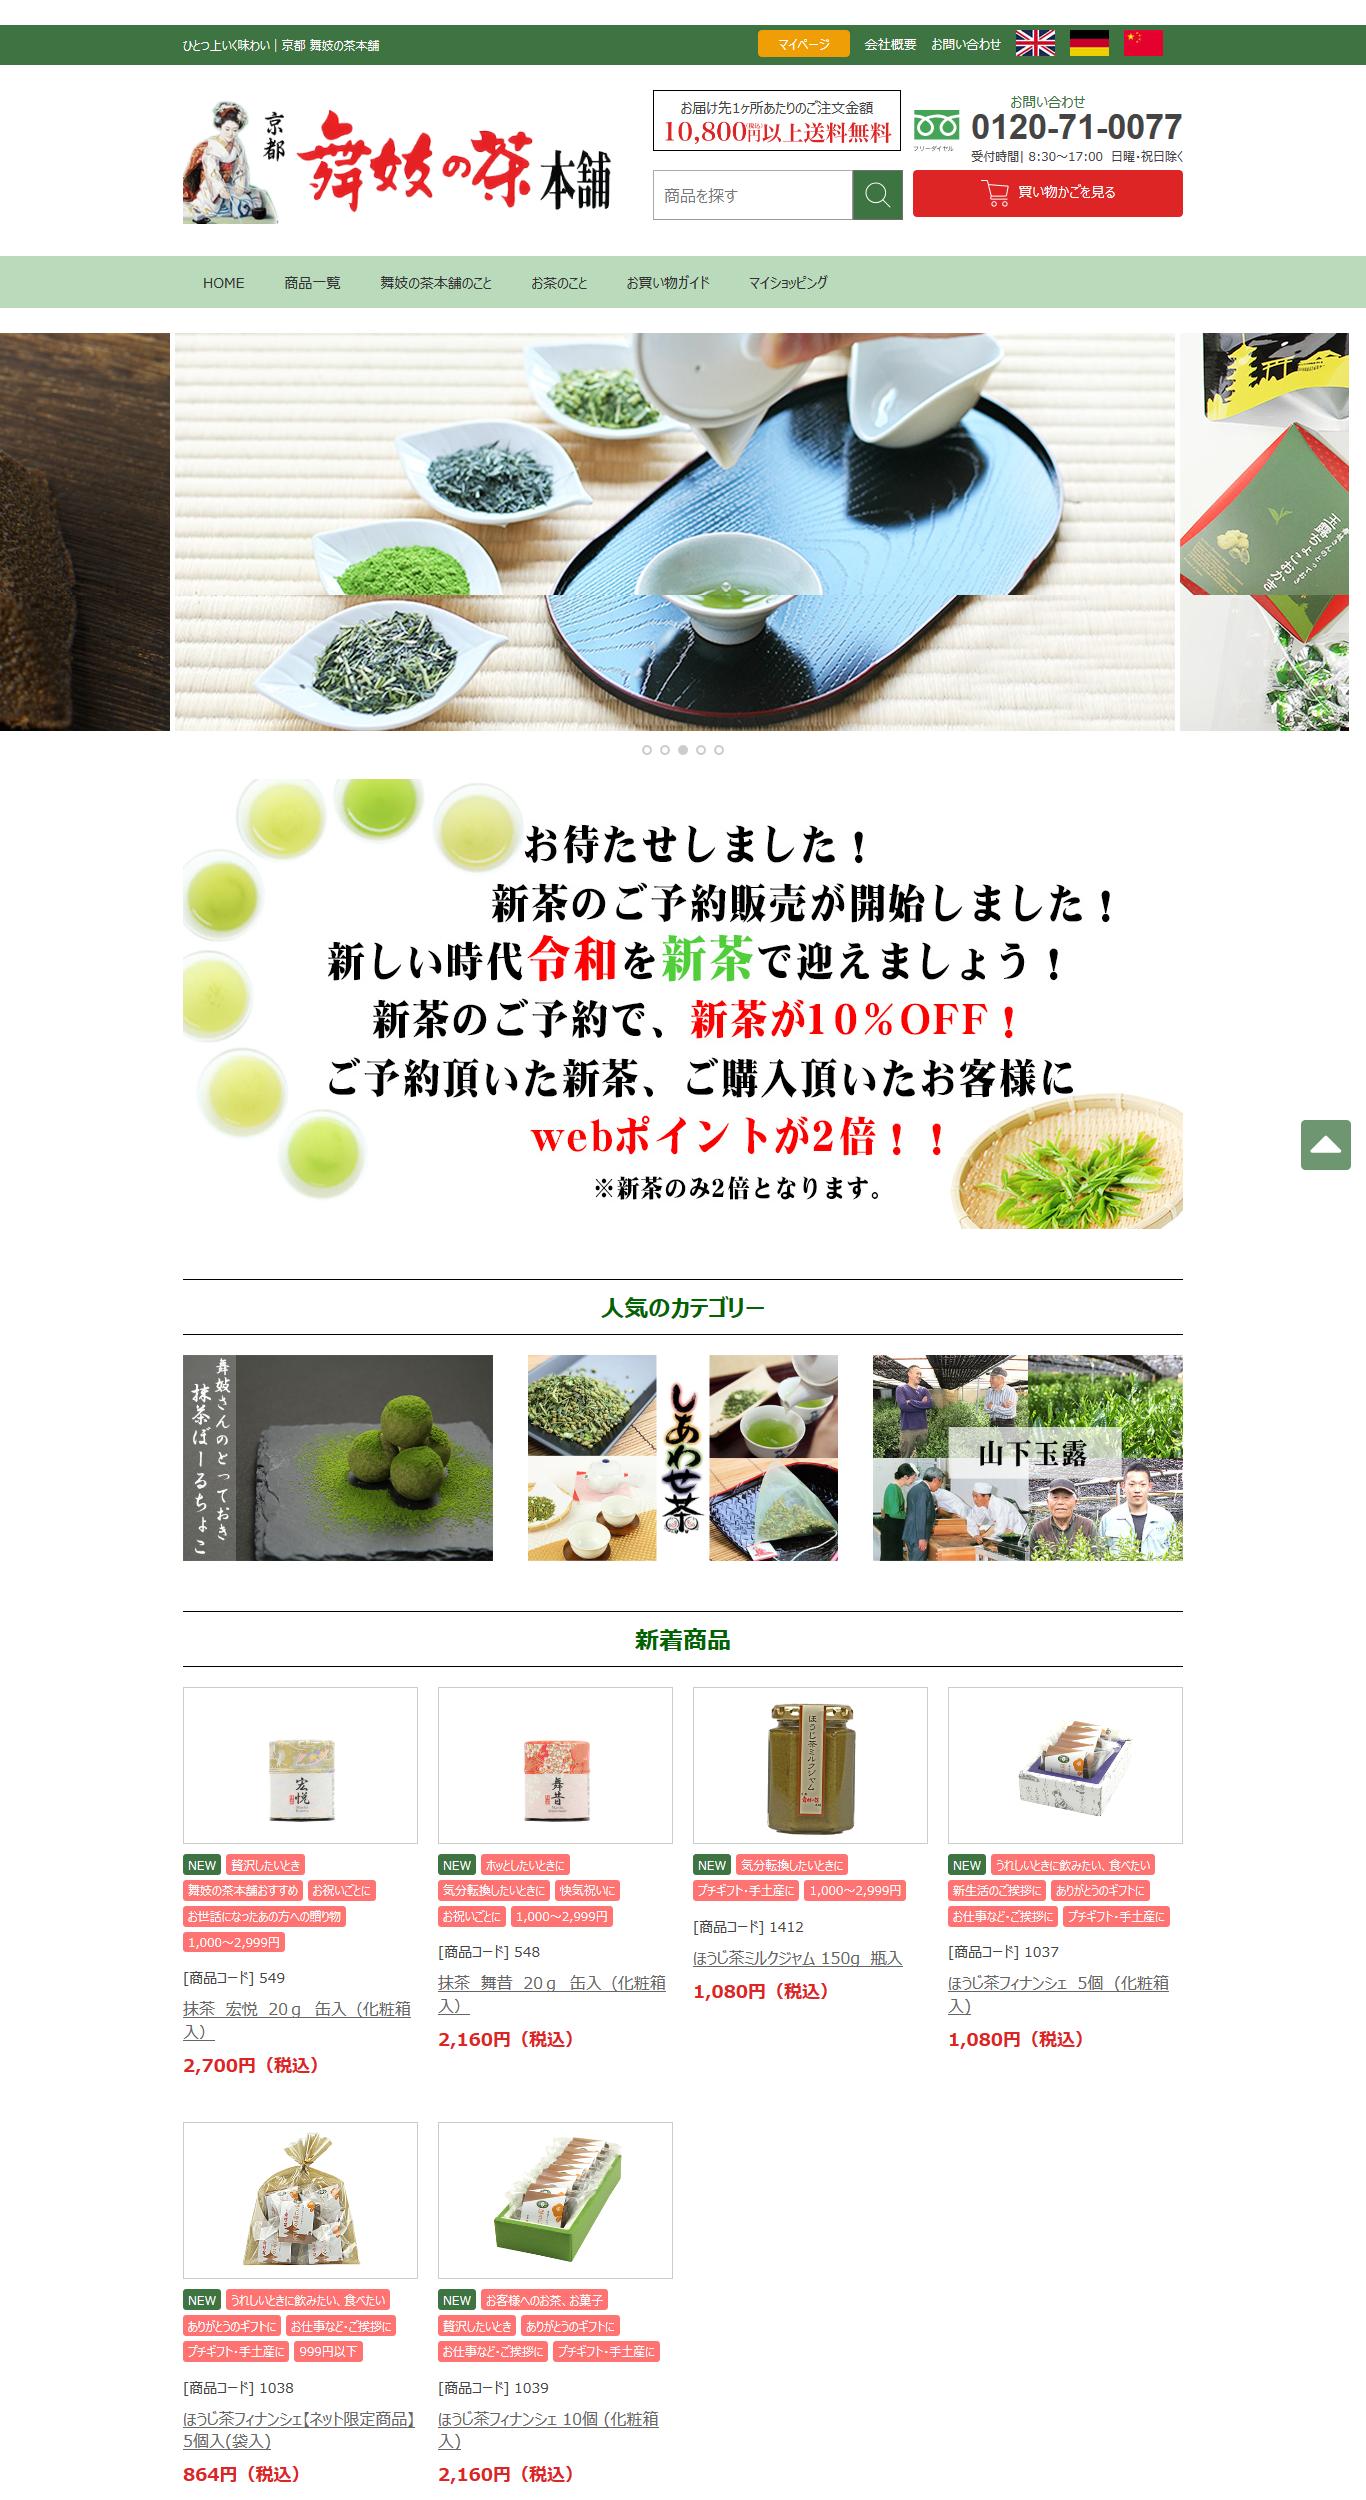 京都の玉露とお茶の通販お取り寄は舞妓の茶本舗